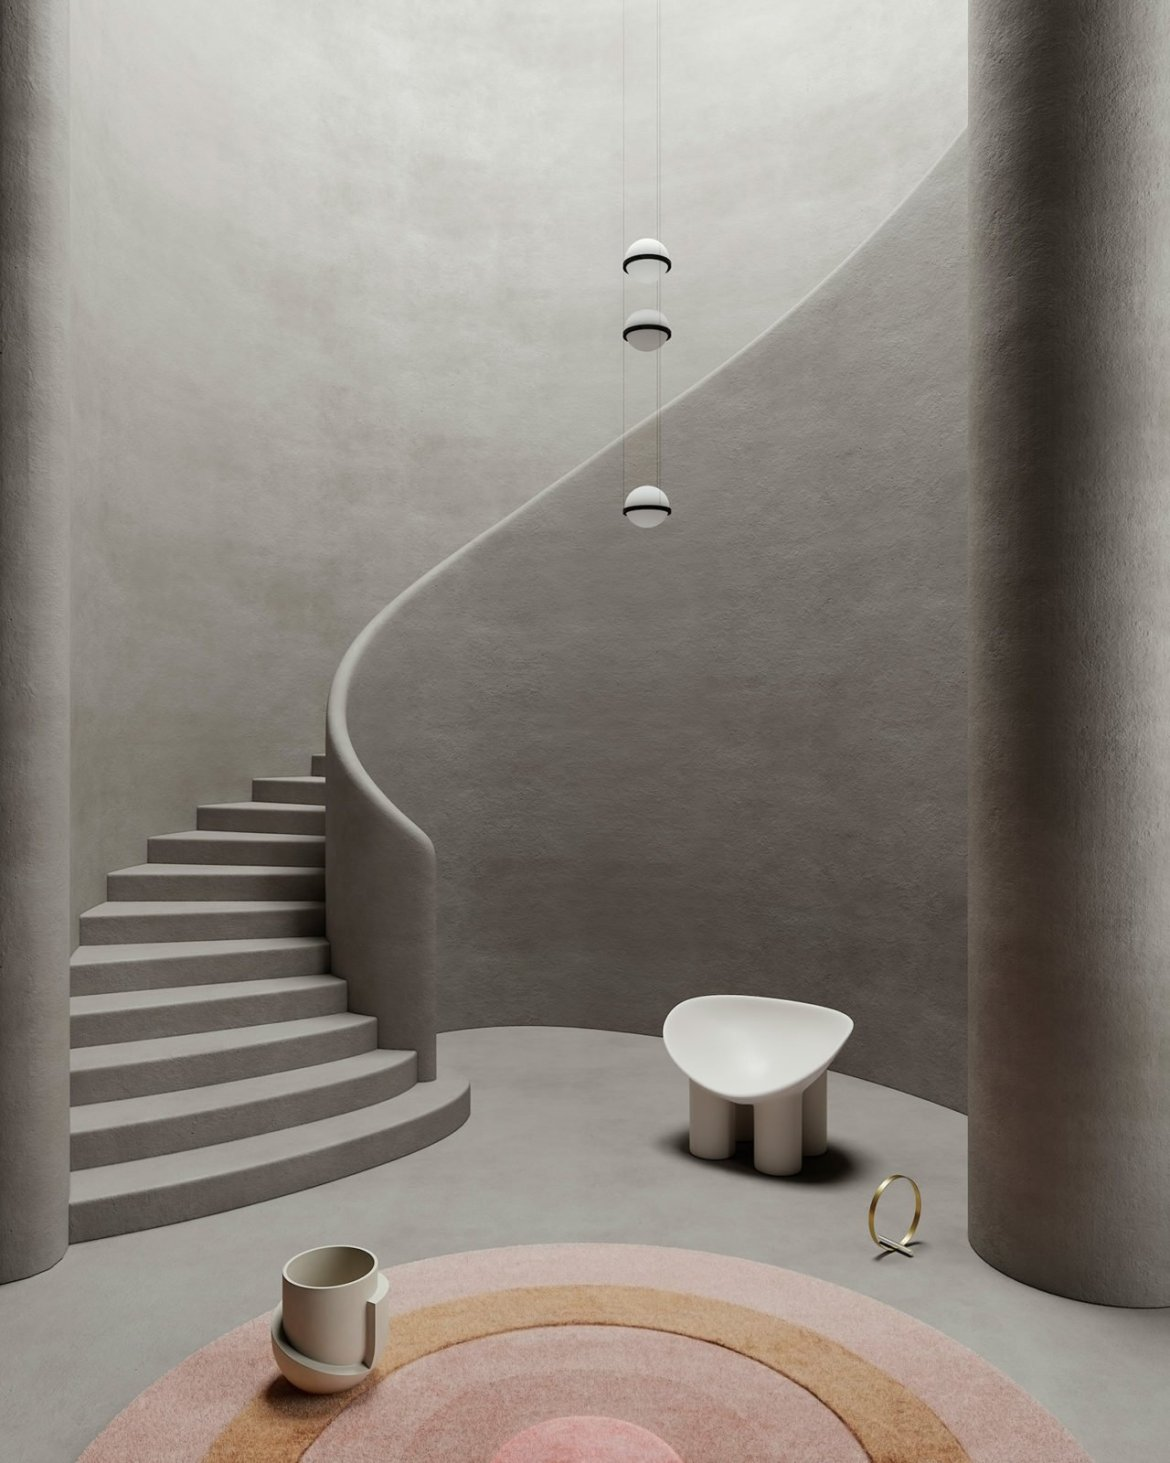 Set design autour d'un escalier, Cristina Lello.